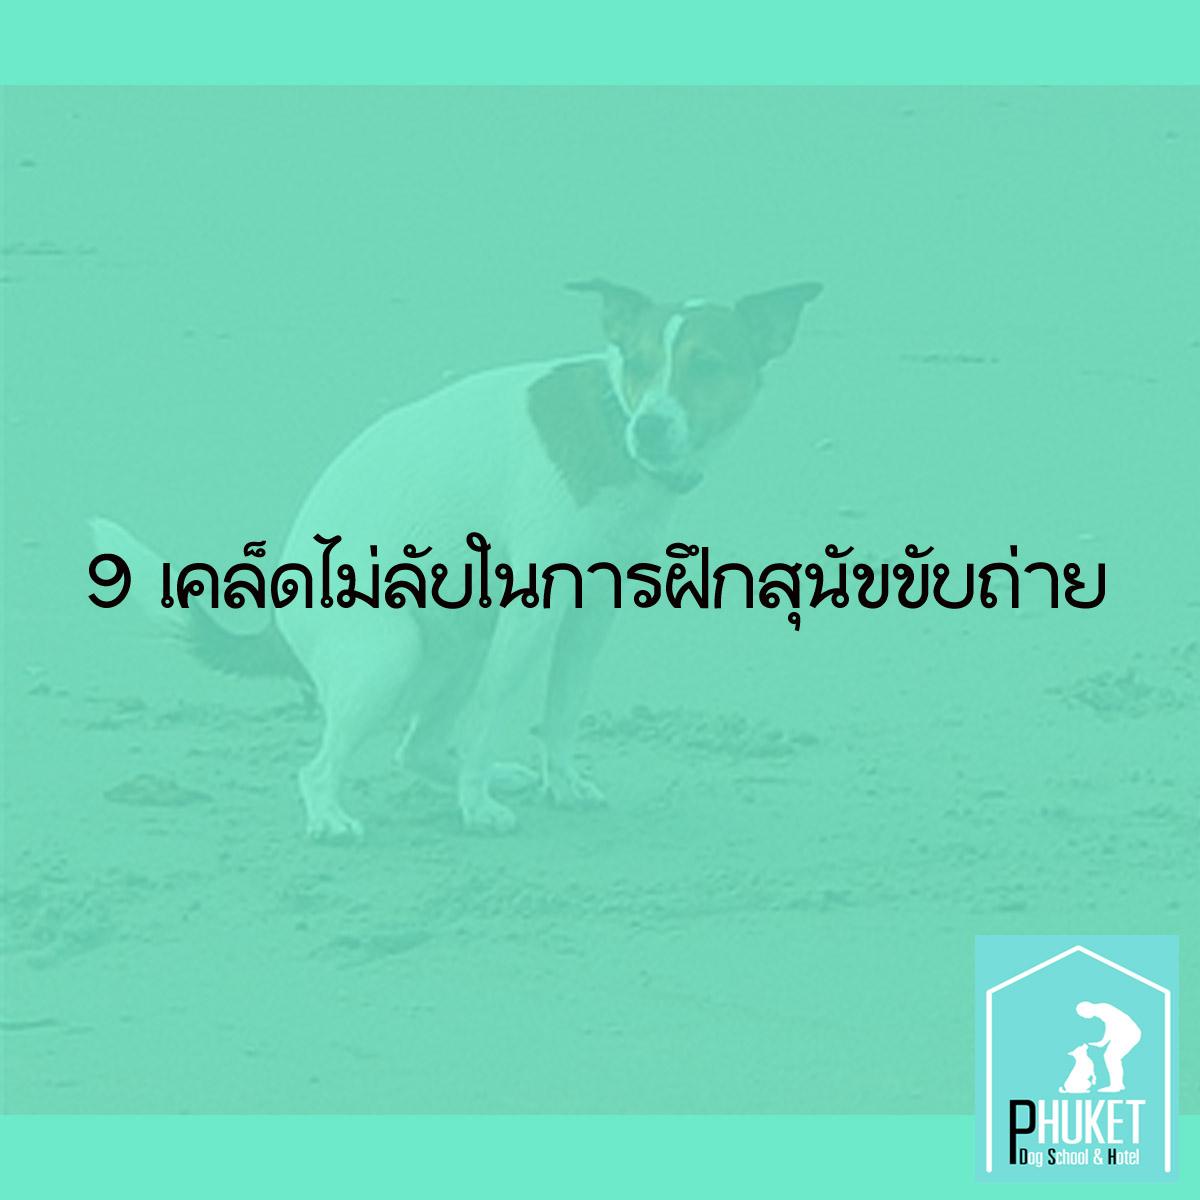 9 เคล็ดไม่ลับในการฝึกสุนัขขับถ่าย 0